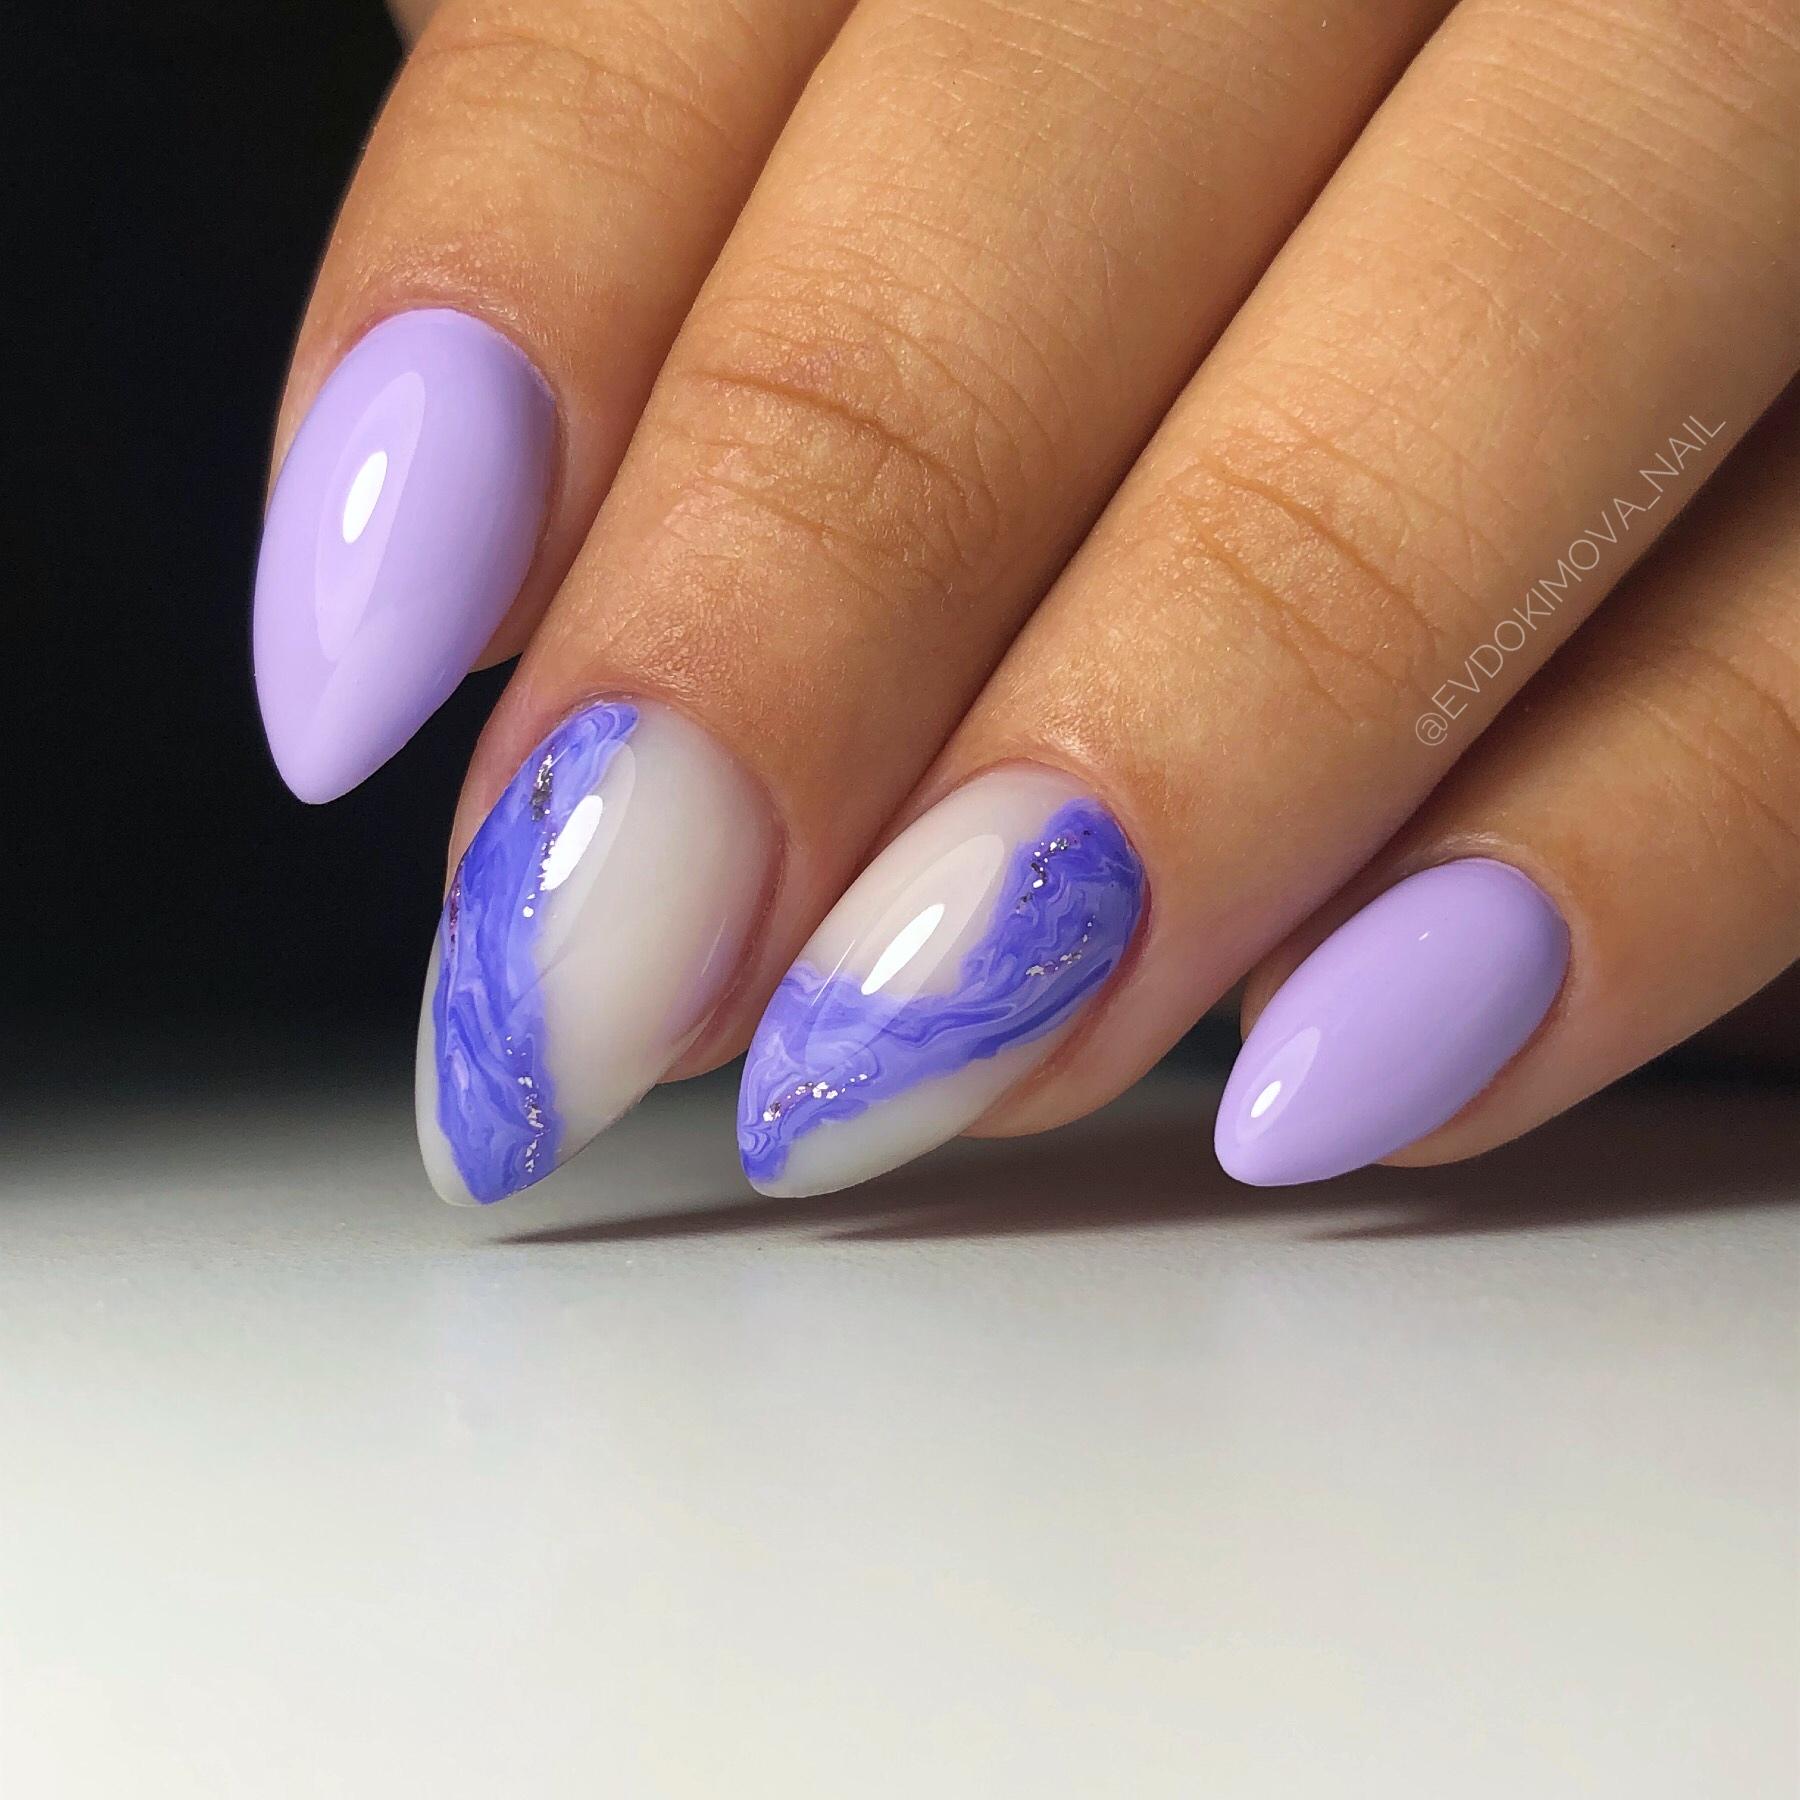 Маникюр с морским дизайном в сиреневом цвете на короткие ногти.